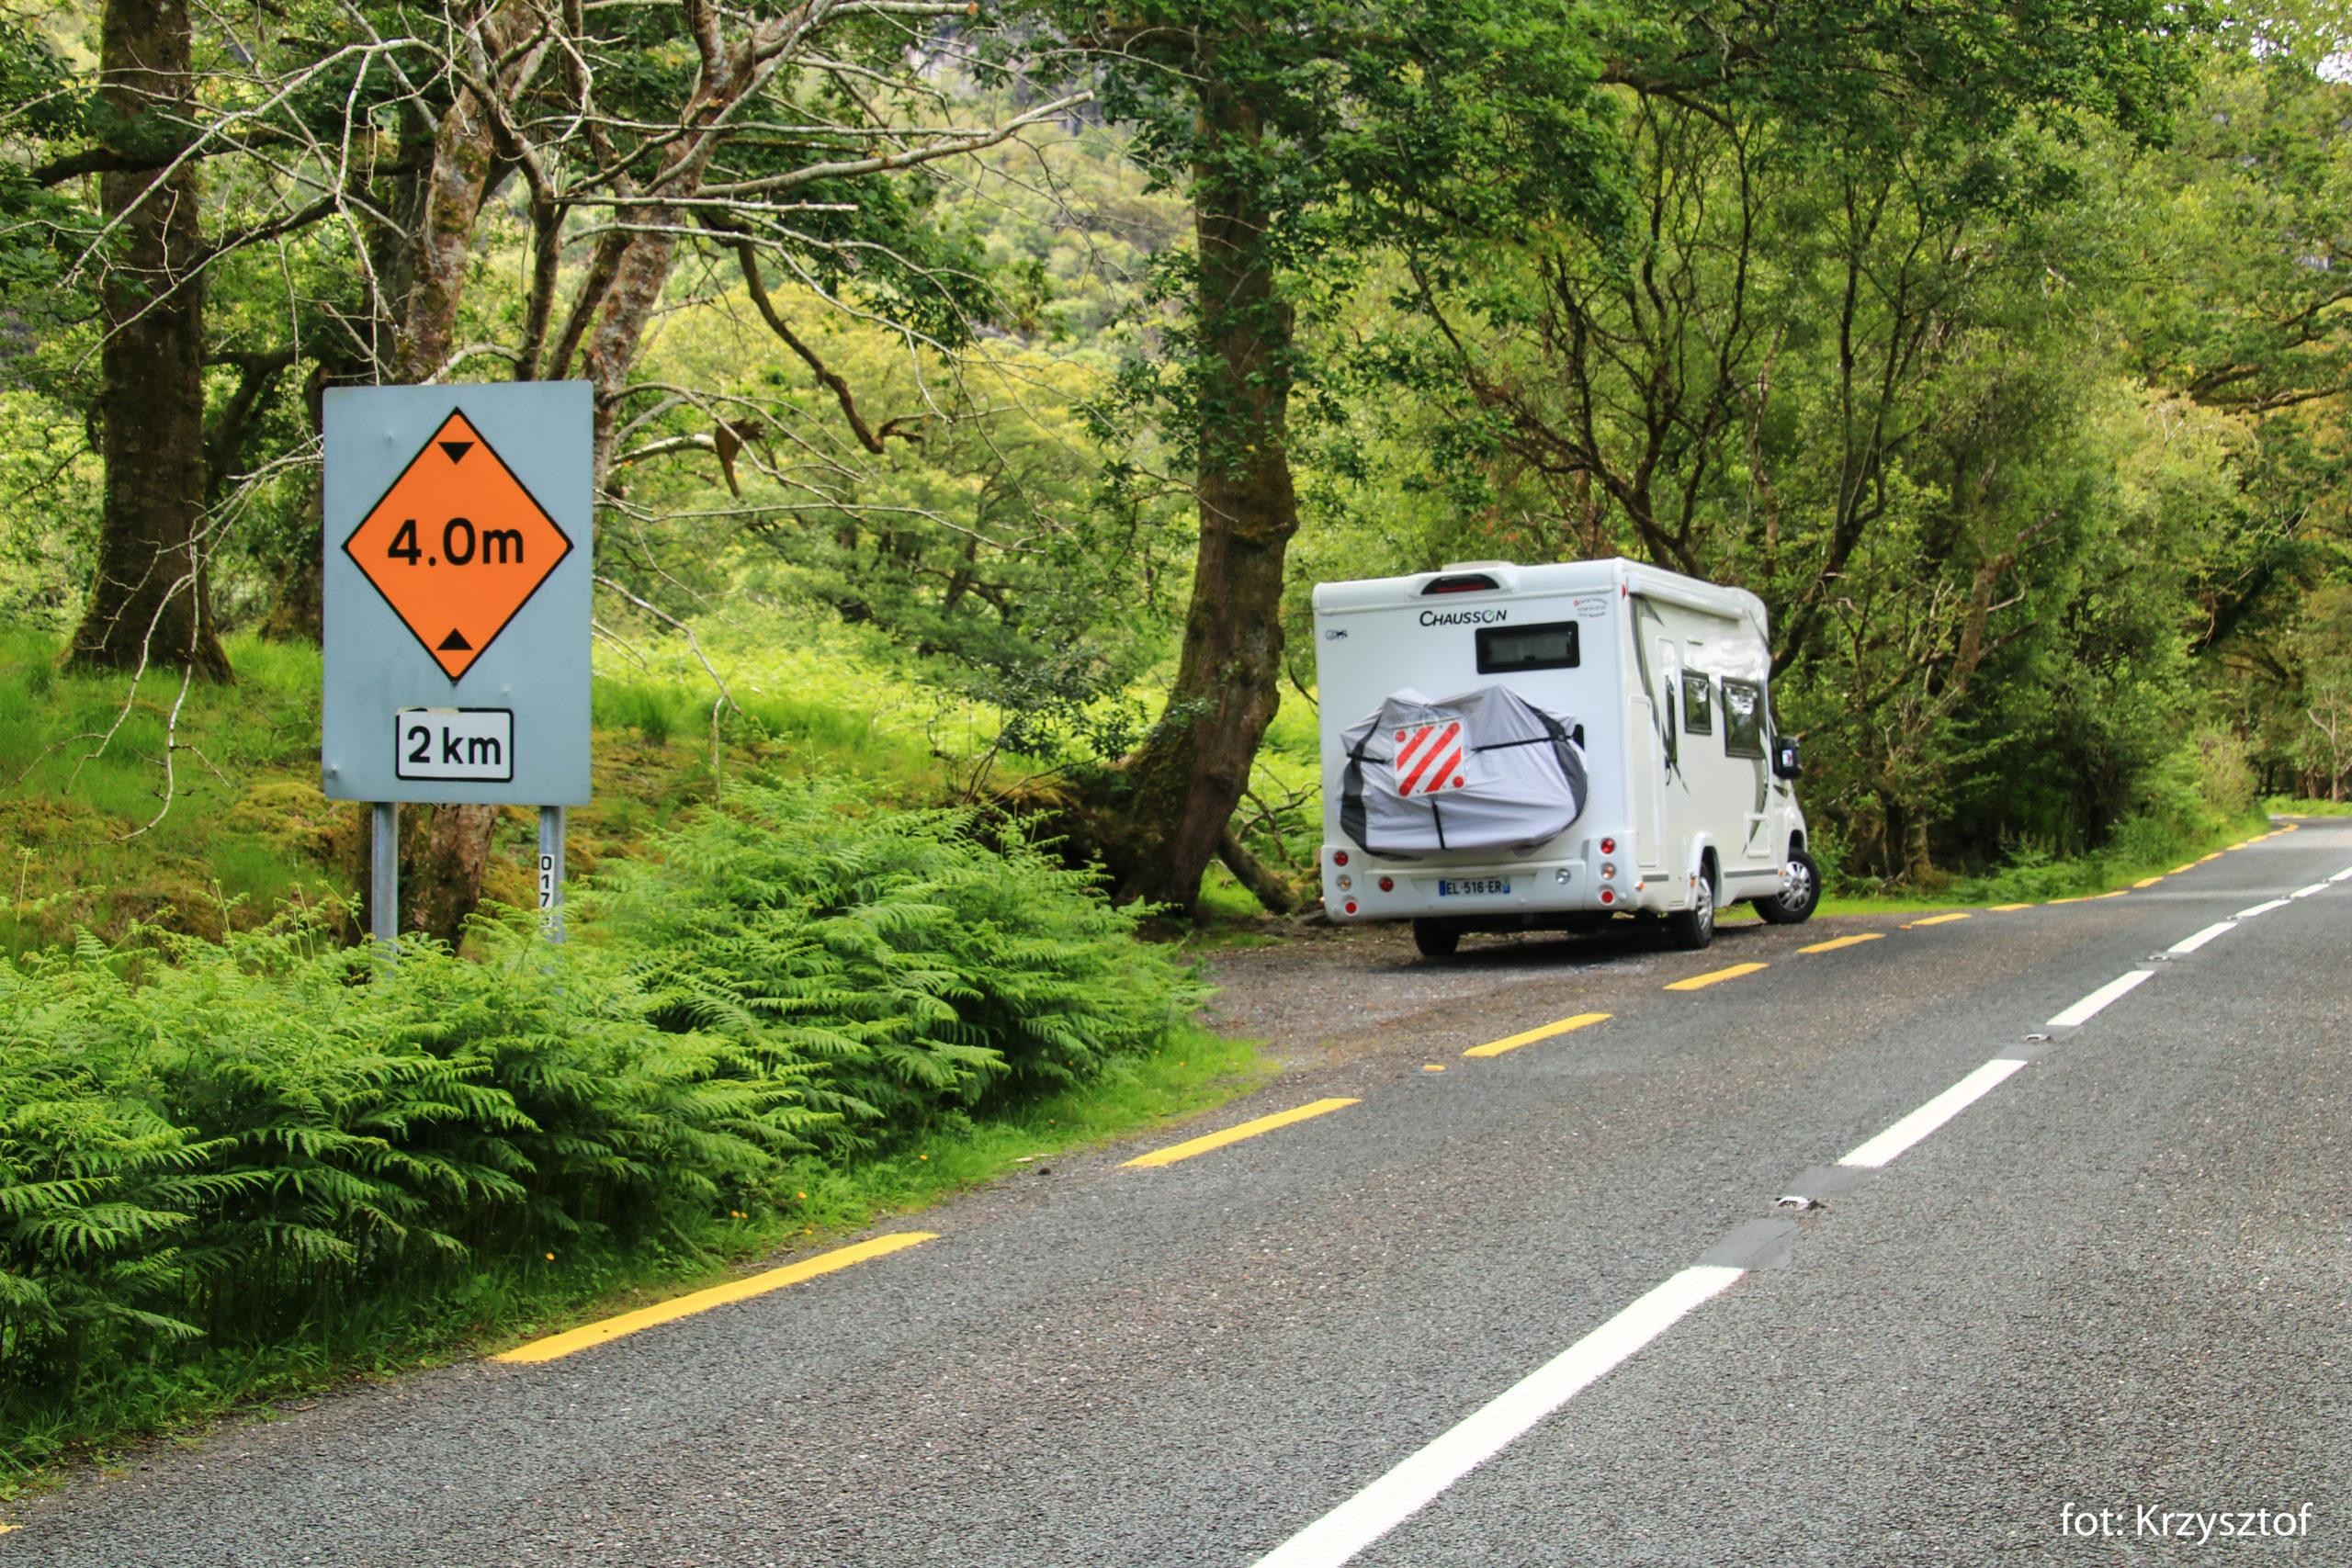 Droga prowadząca do wodospadów na rzece Crinnagh